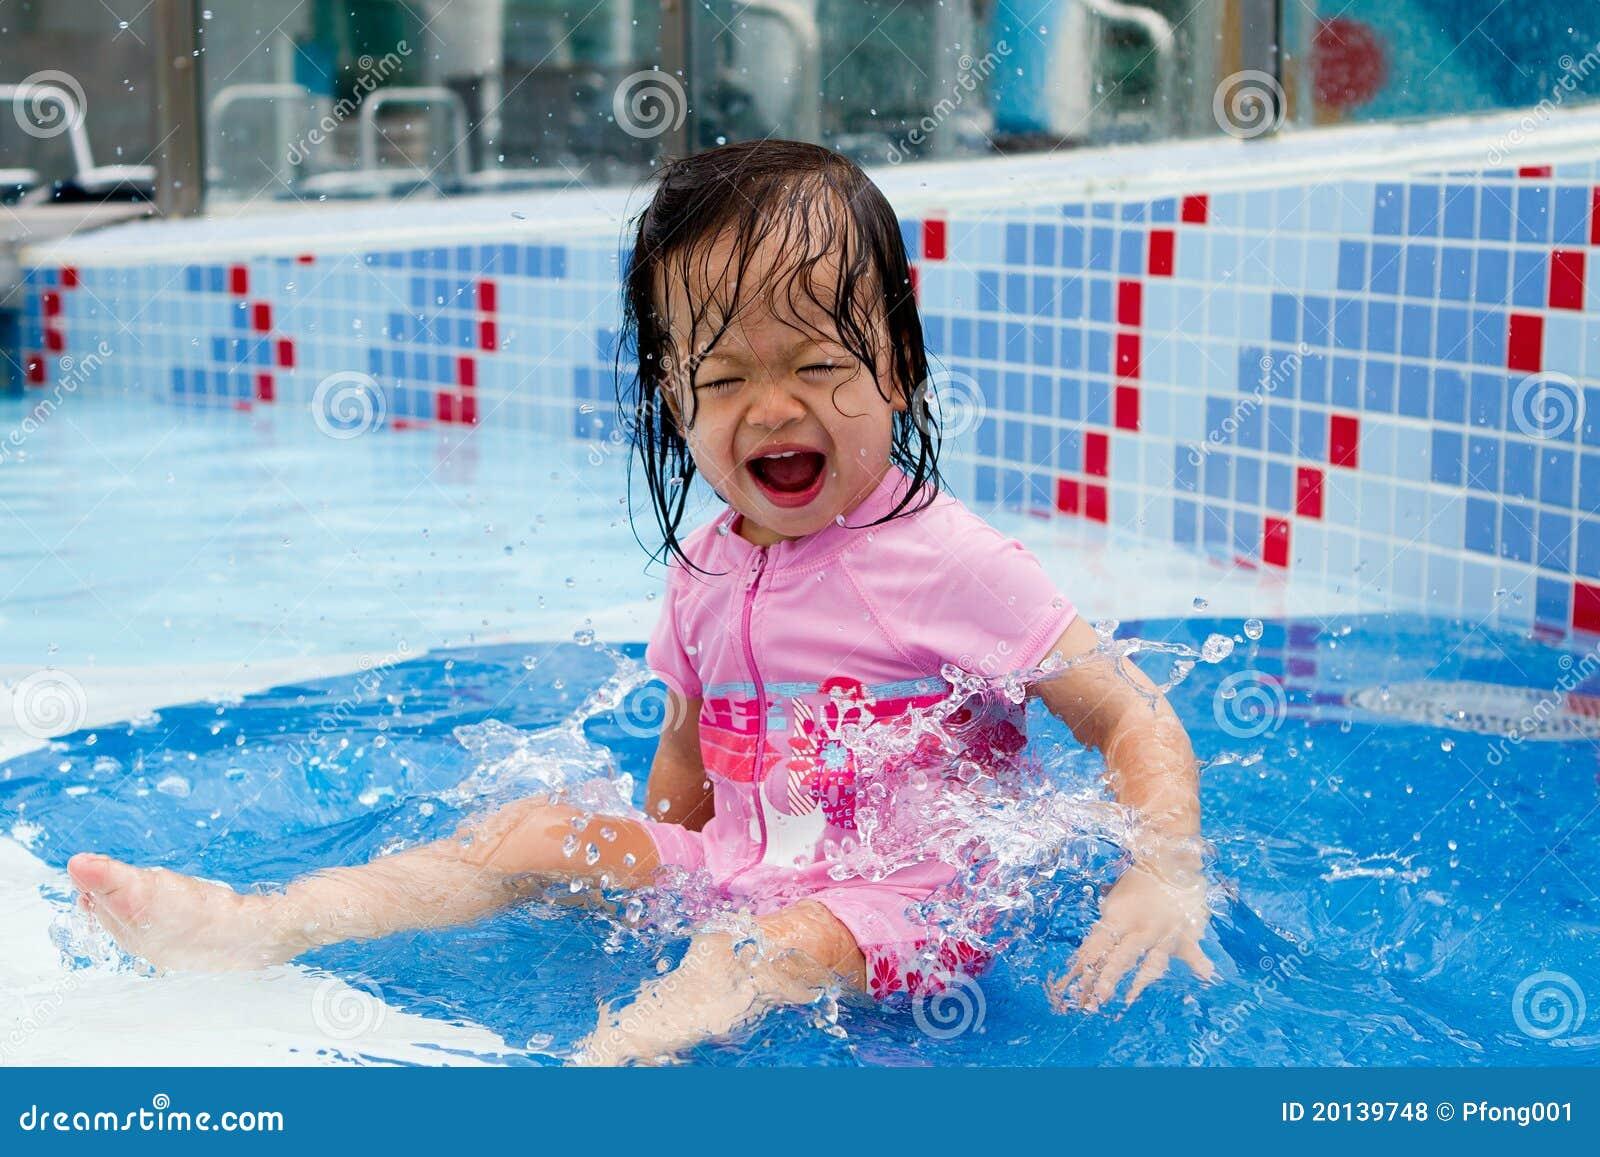 Baby Splashing At Pool Stock Photo Image Of Child Ethnic